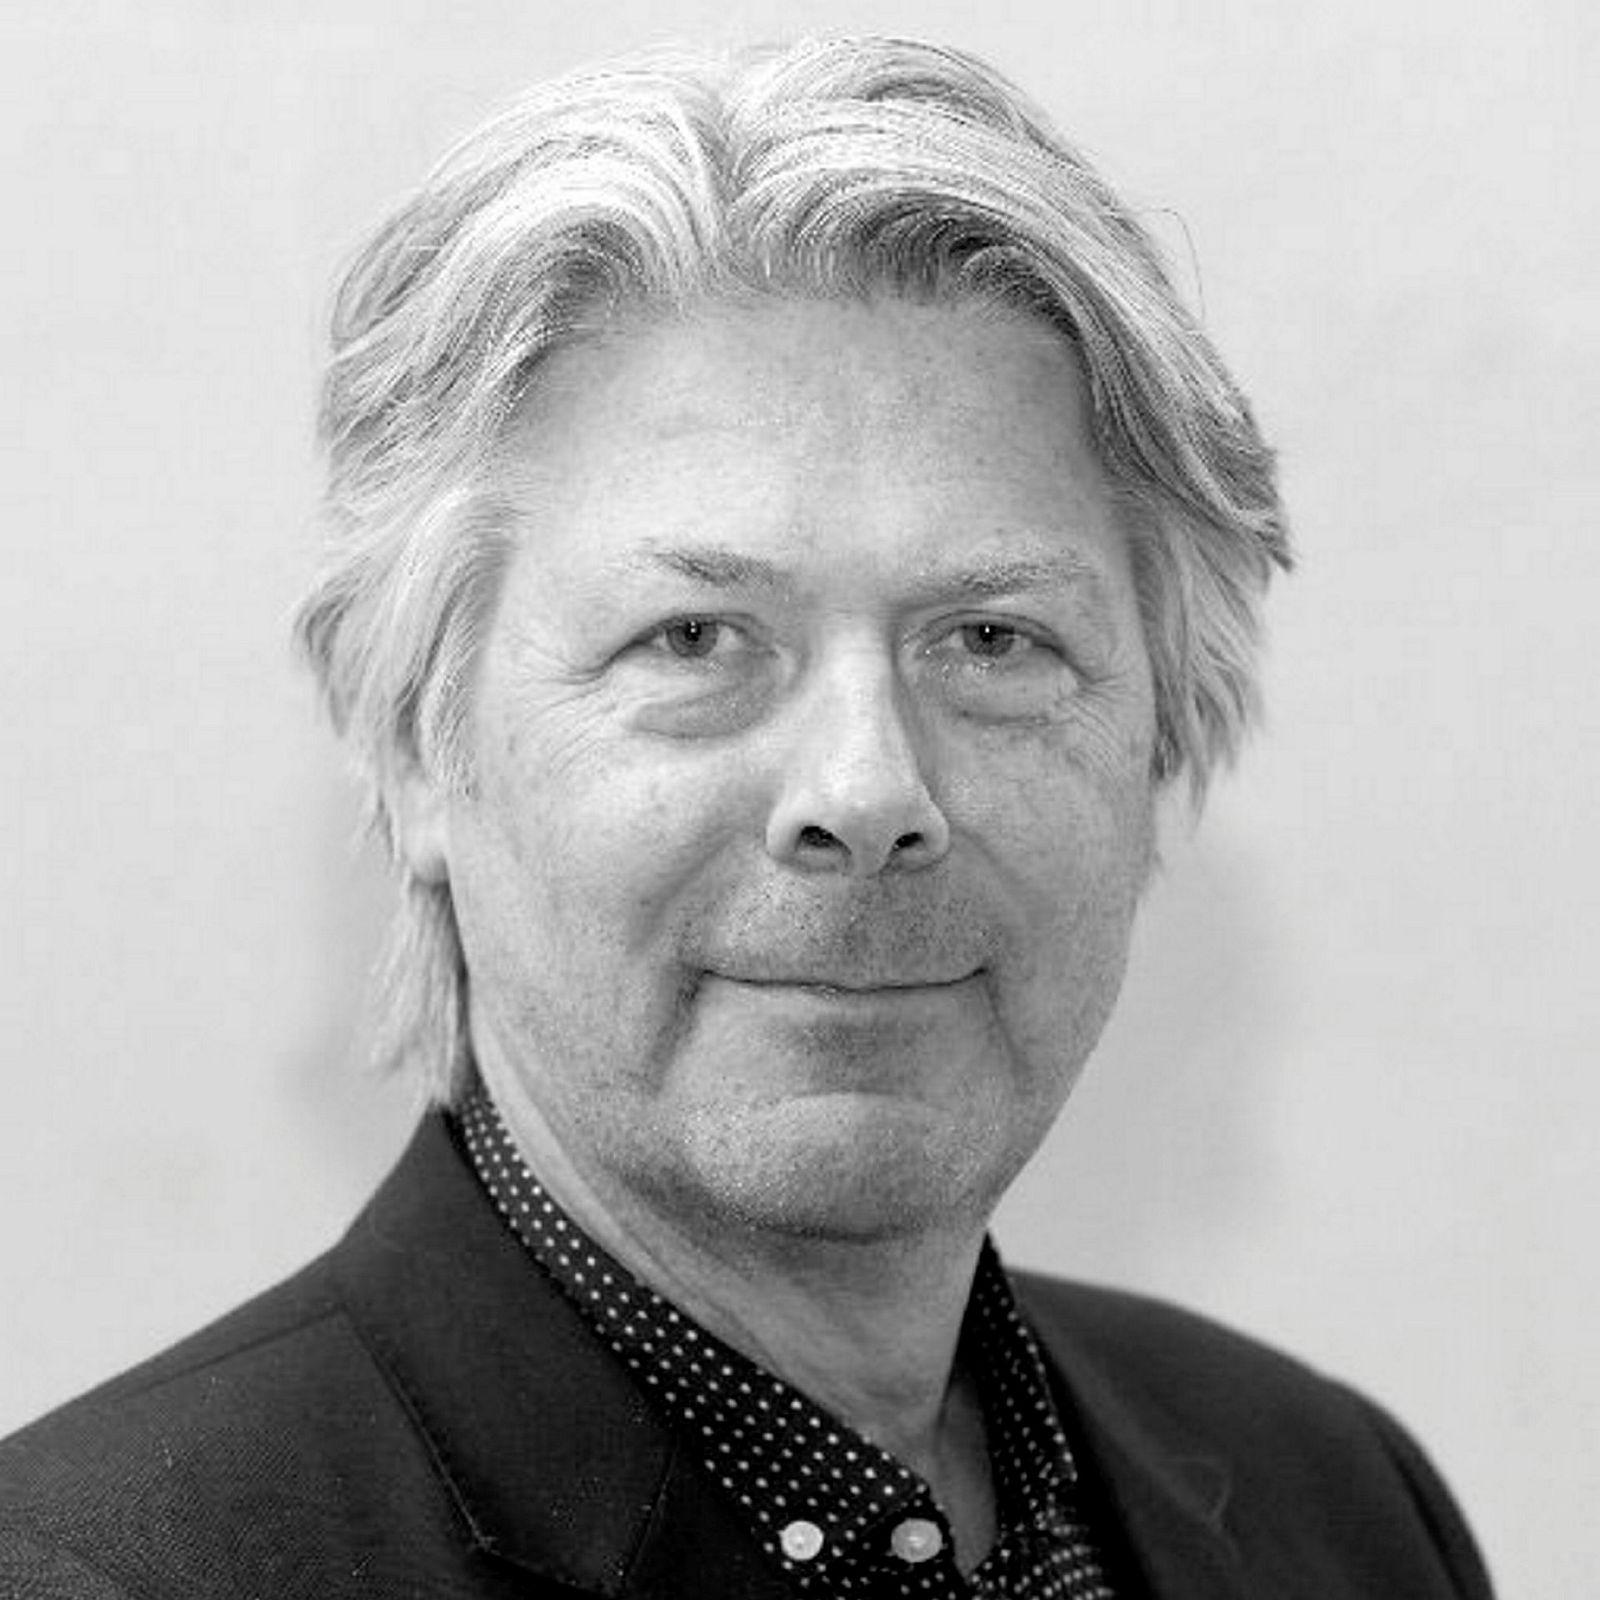 Erik Stephansen er nyhetsredaktør i Nettavisen.